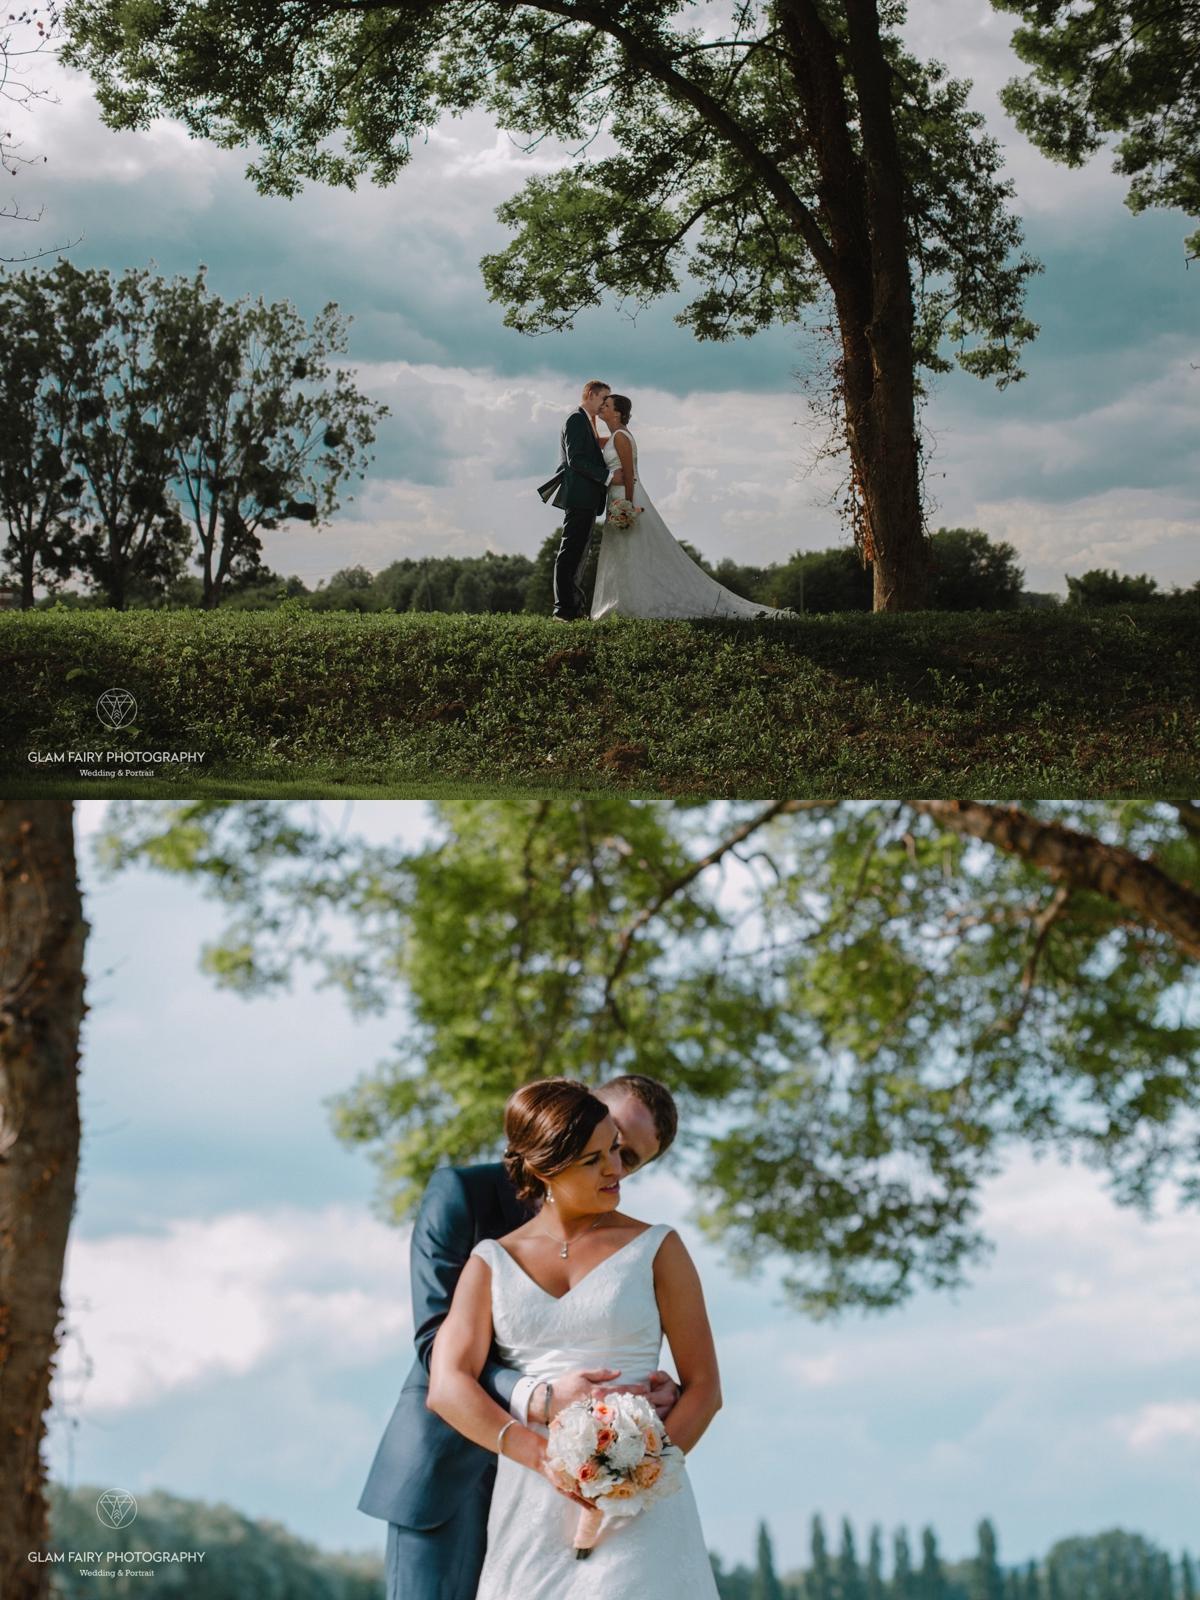 glamfairyphotography-mariage-manoir-de-portejoie-anais_0055